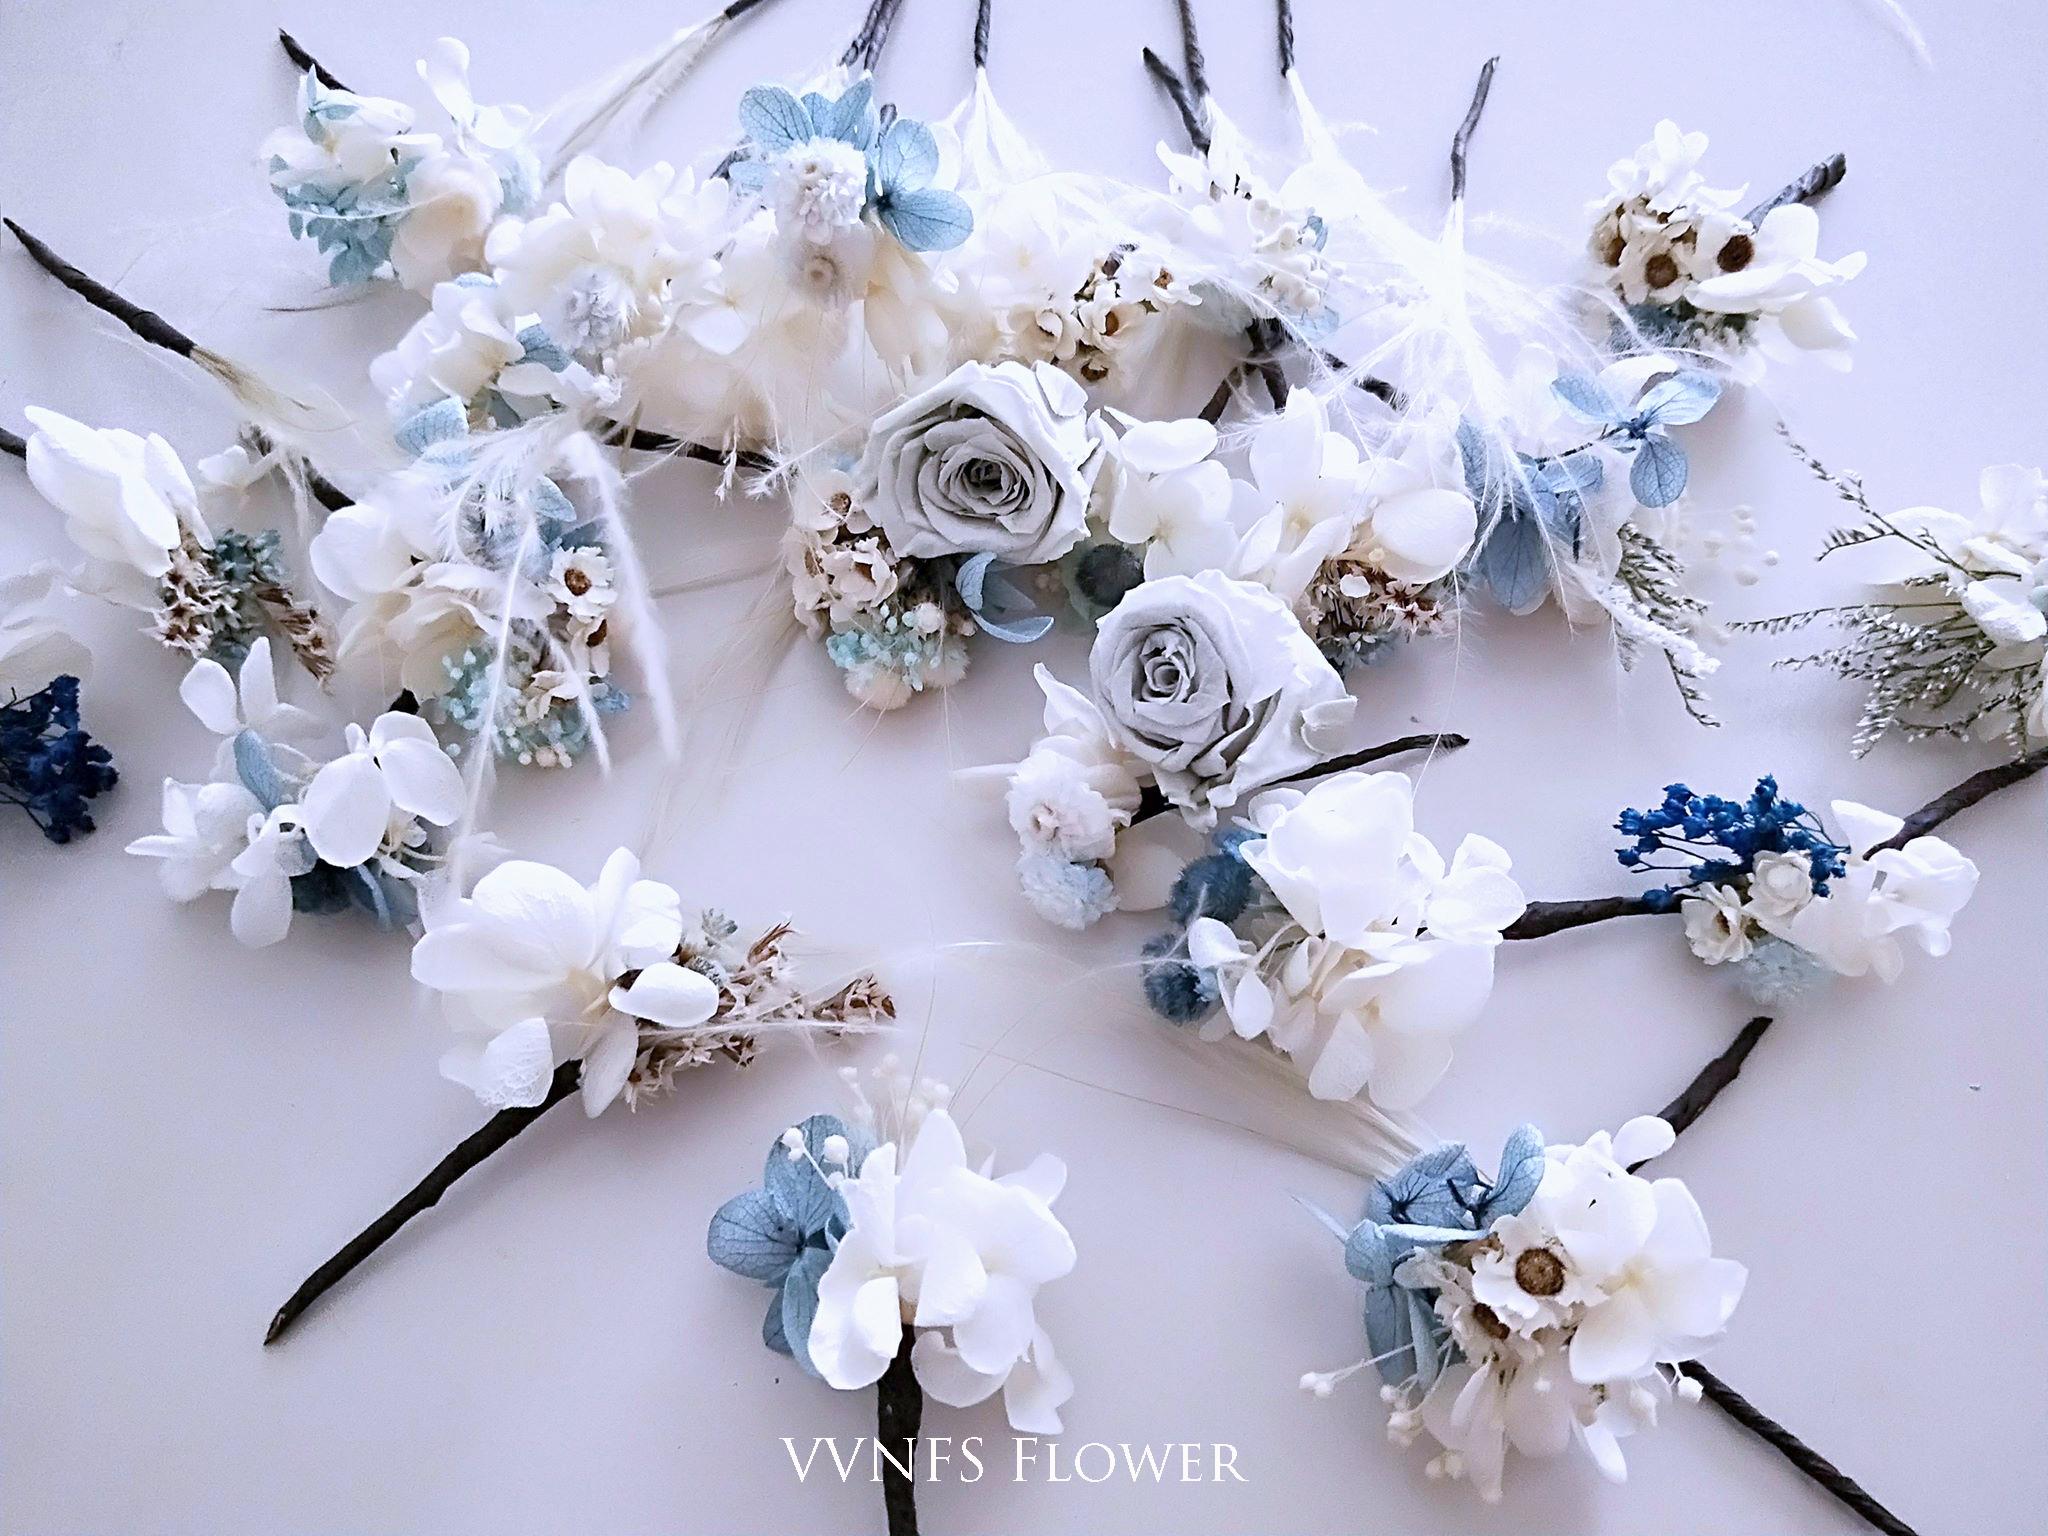 VVNFS Flower 6